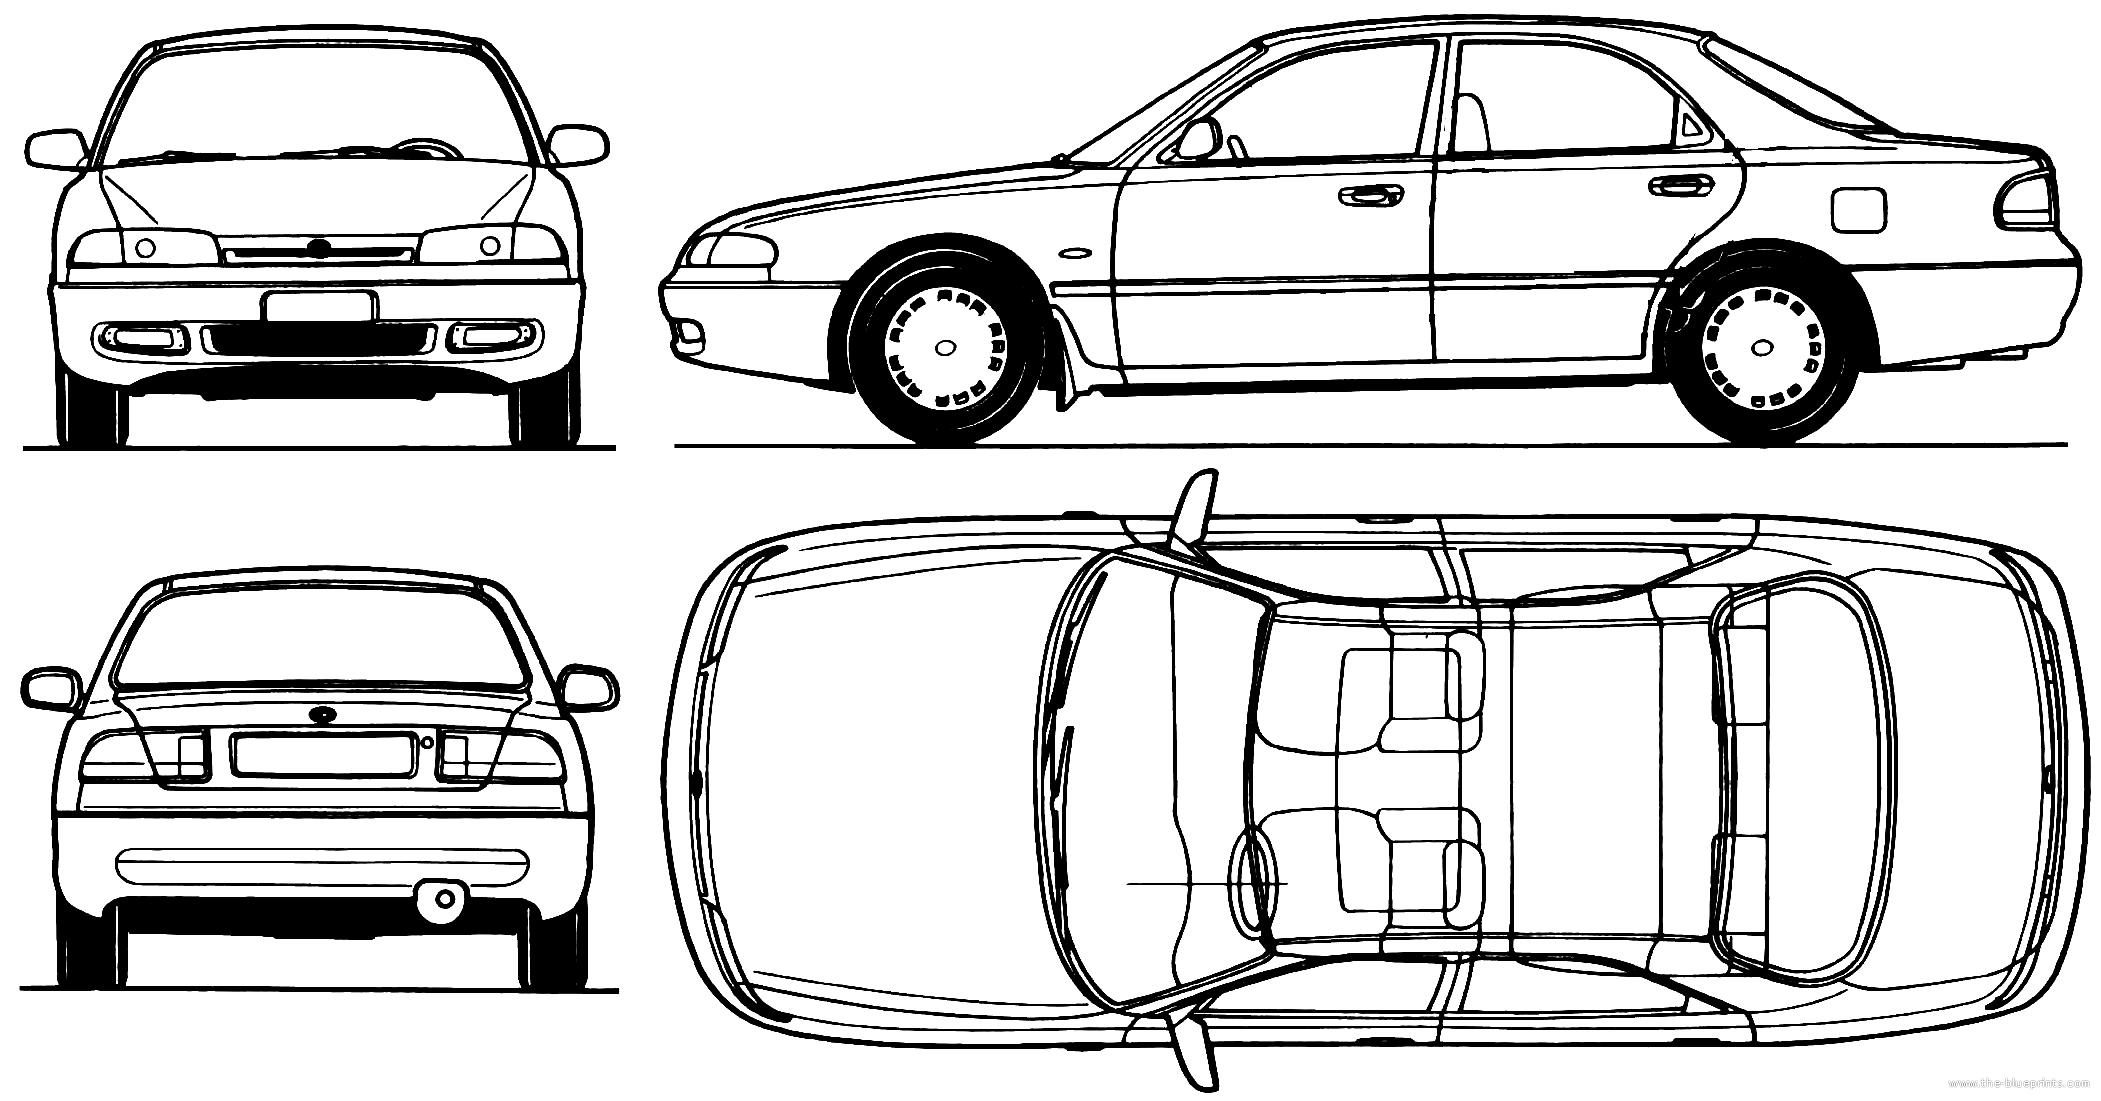 чертежи колец mazda 626